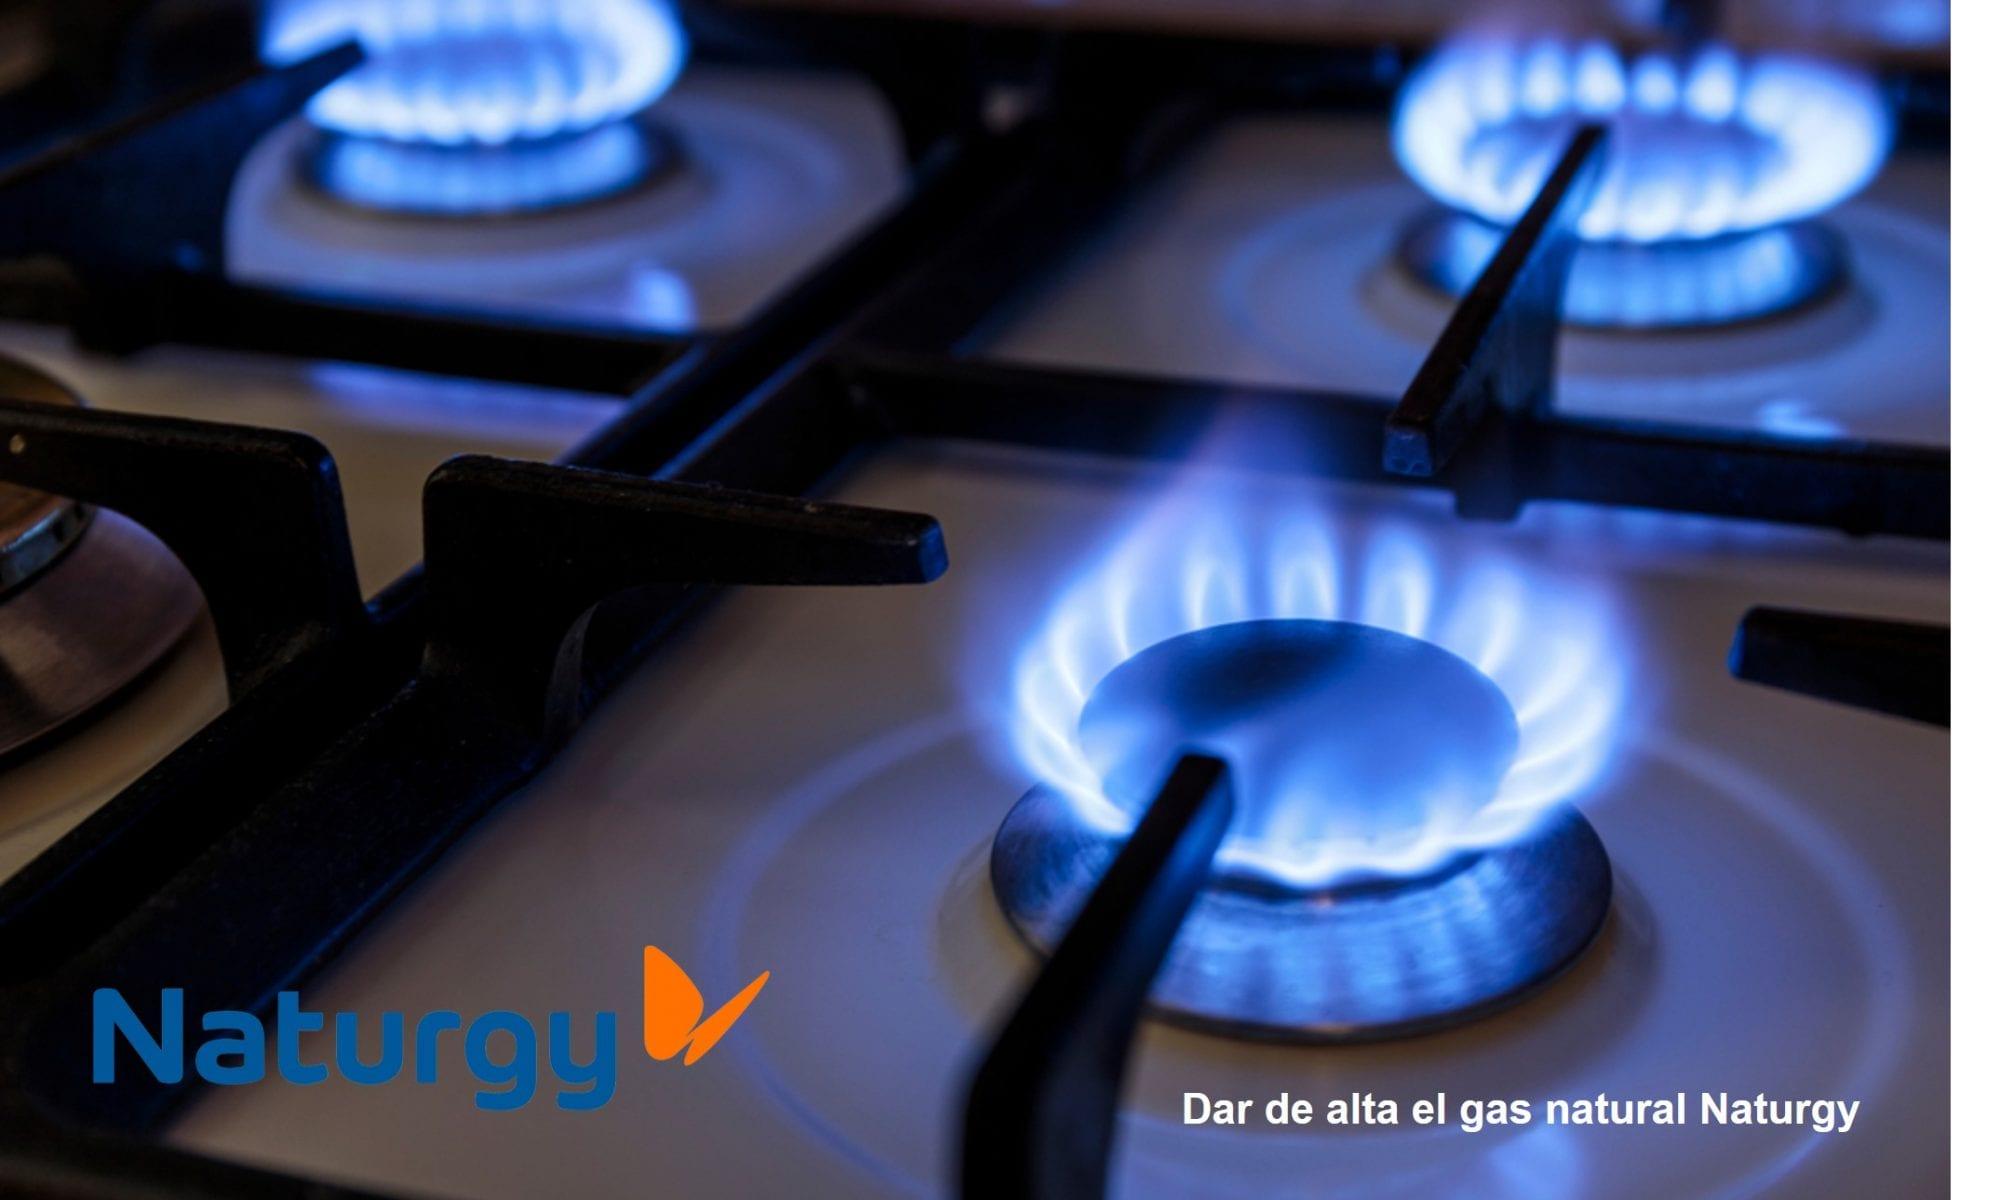 dar de alta el gas natural Naturgy